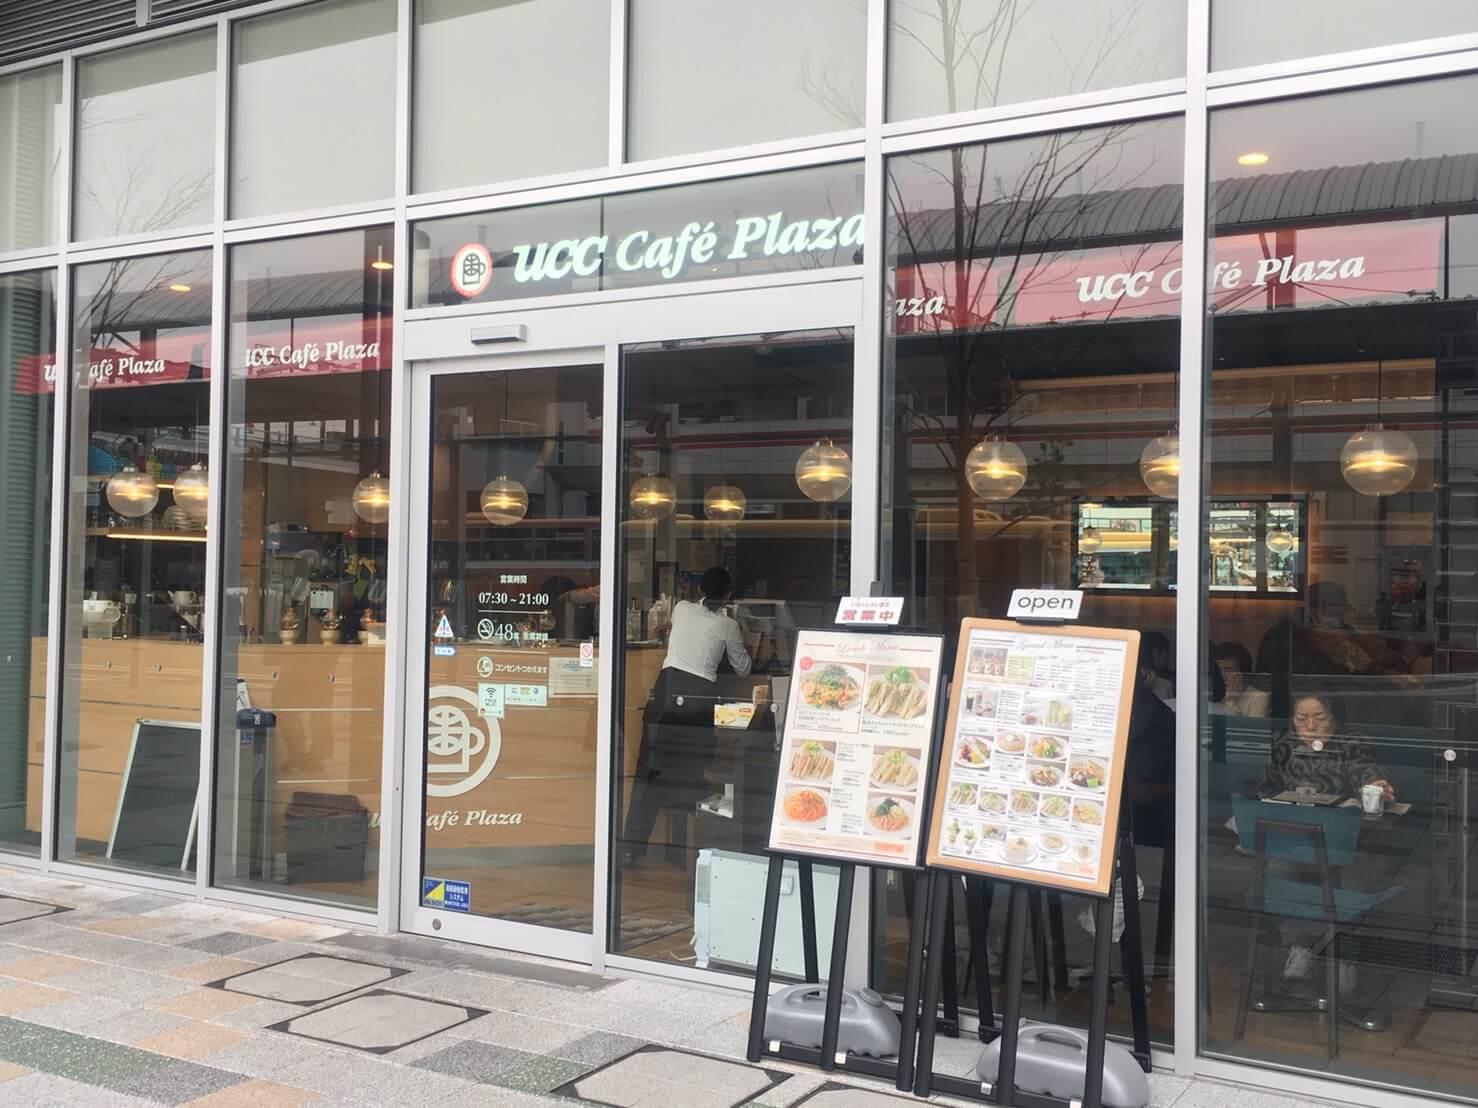 明石の勉強できるカフェ UCCカフェプラザ